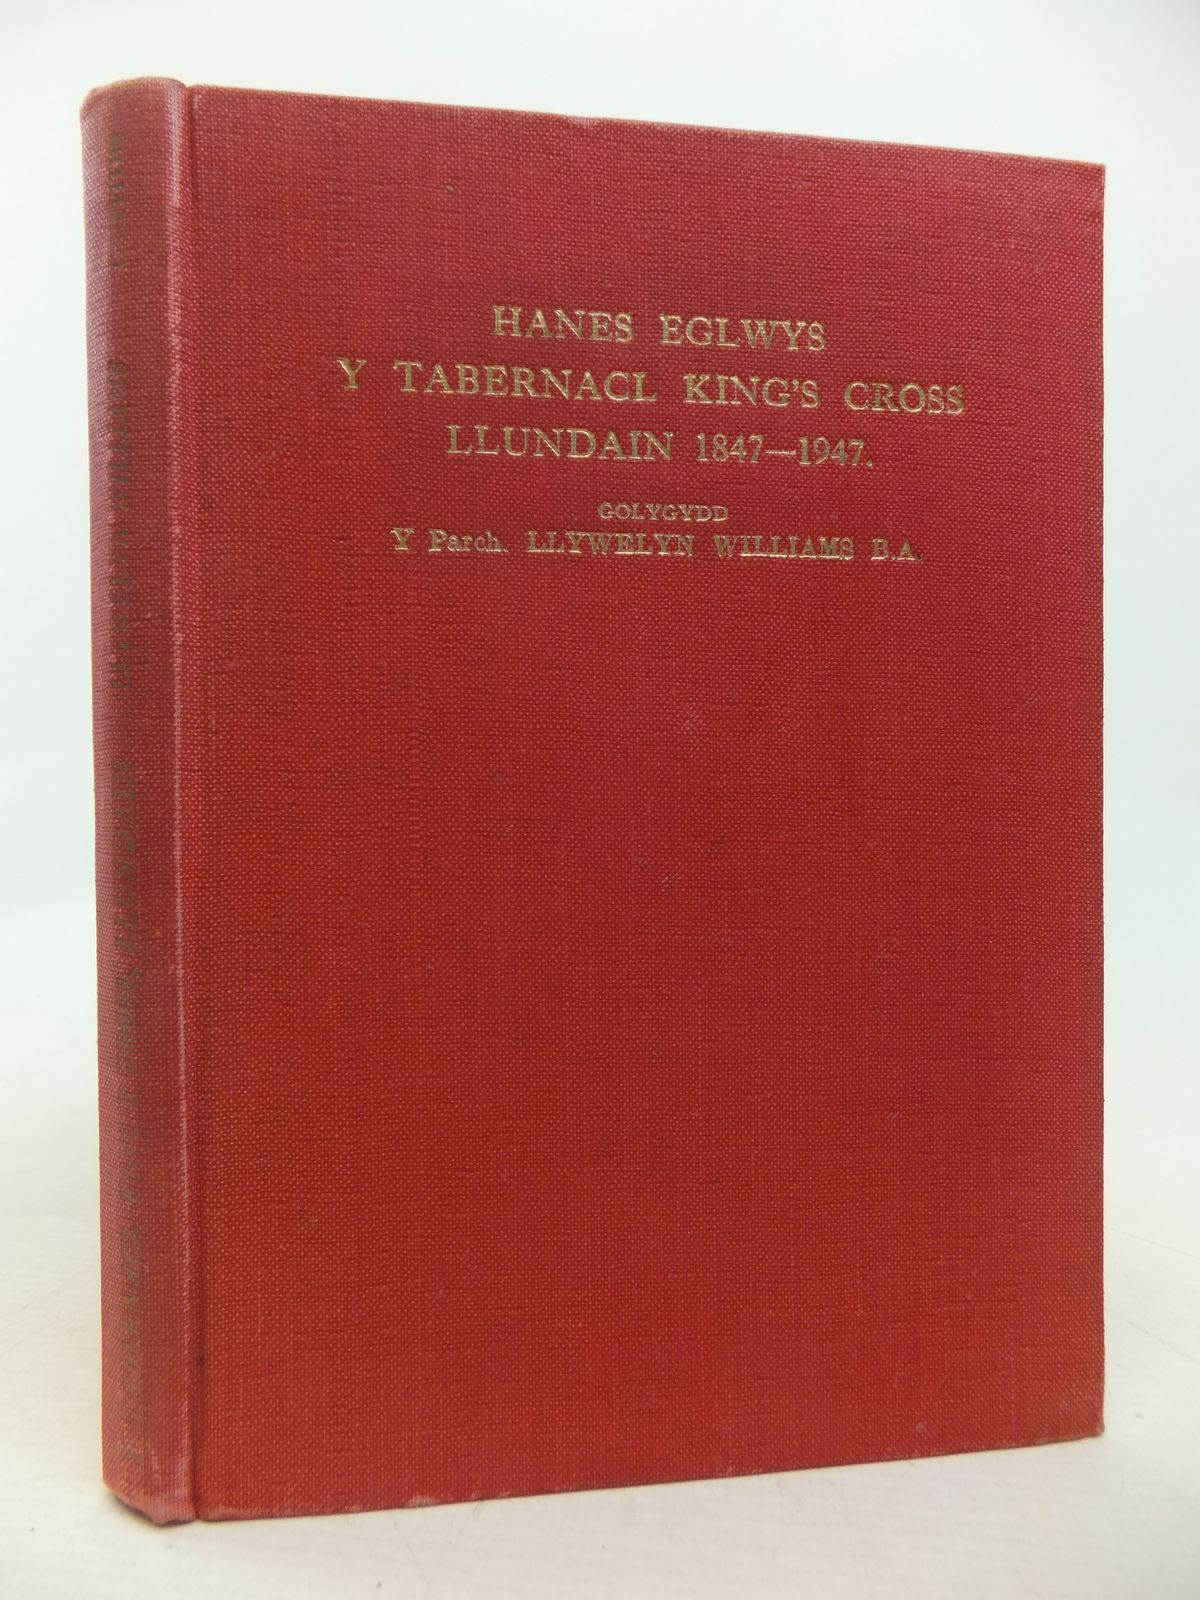 Photo of HANES EGLWYS Y TABERNACL KING'S CROSS, LLUNDAIN 1847-1947- Stock Number: 1809845